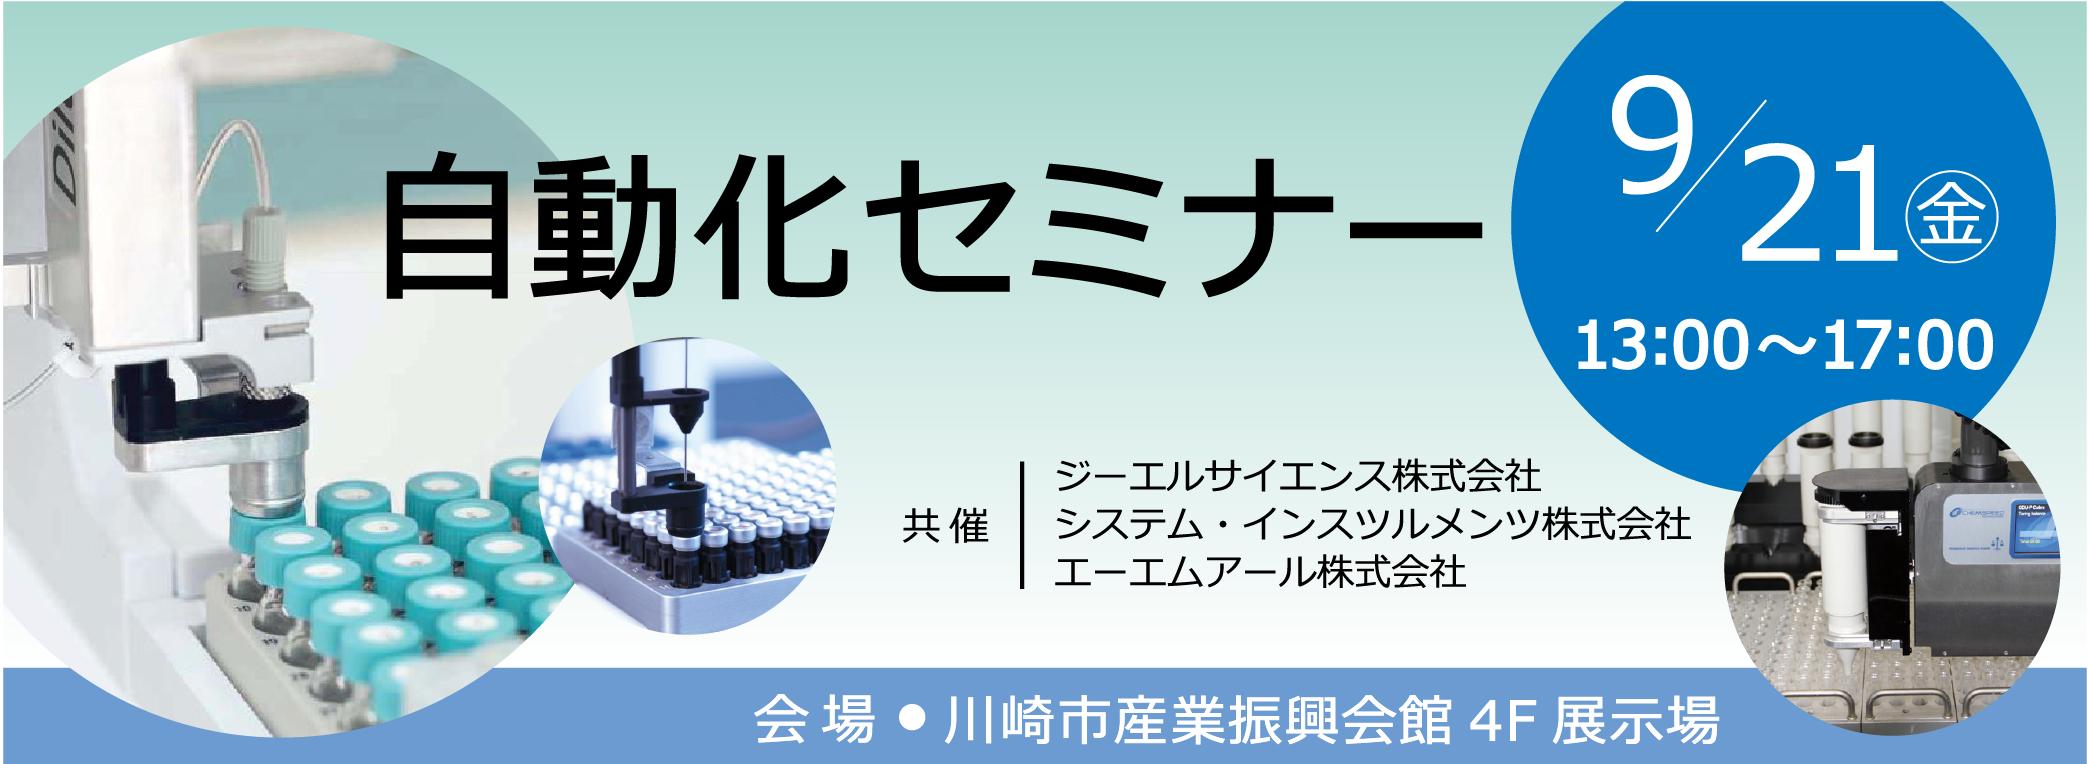 9月21日(金)自動化セミナー開催のお知らせ